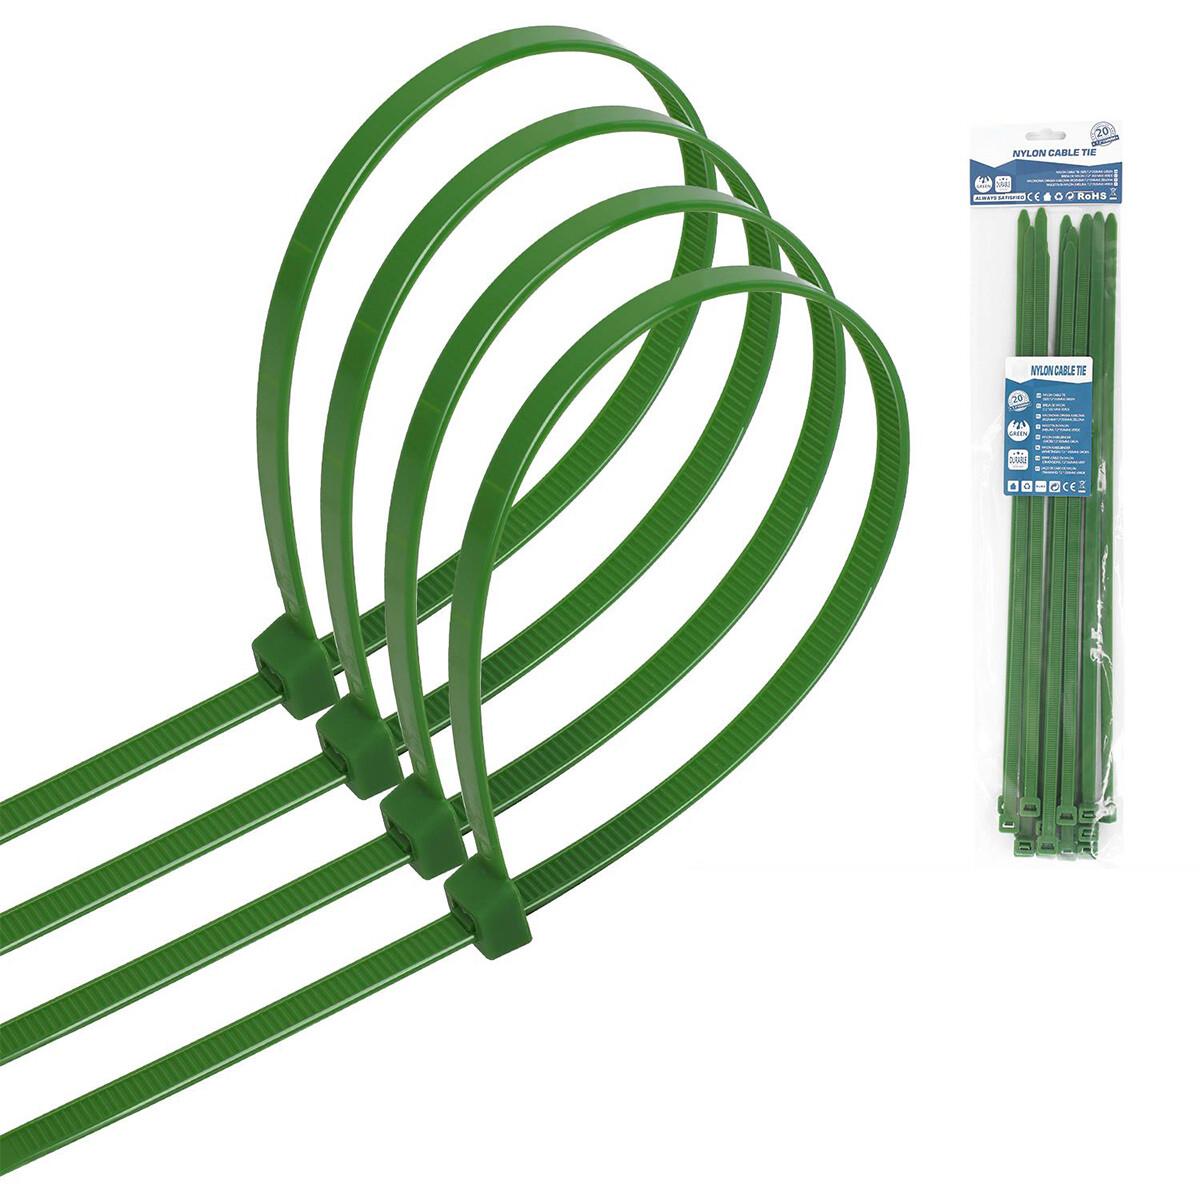 Tie Wraps - Tyrap - Aigi Tie - 7.2x350mm - Groen - 20 Stuks